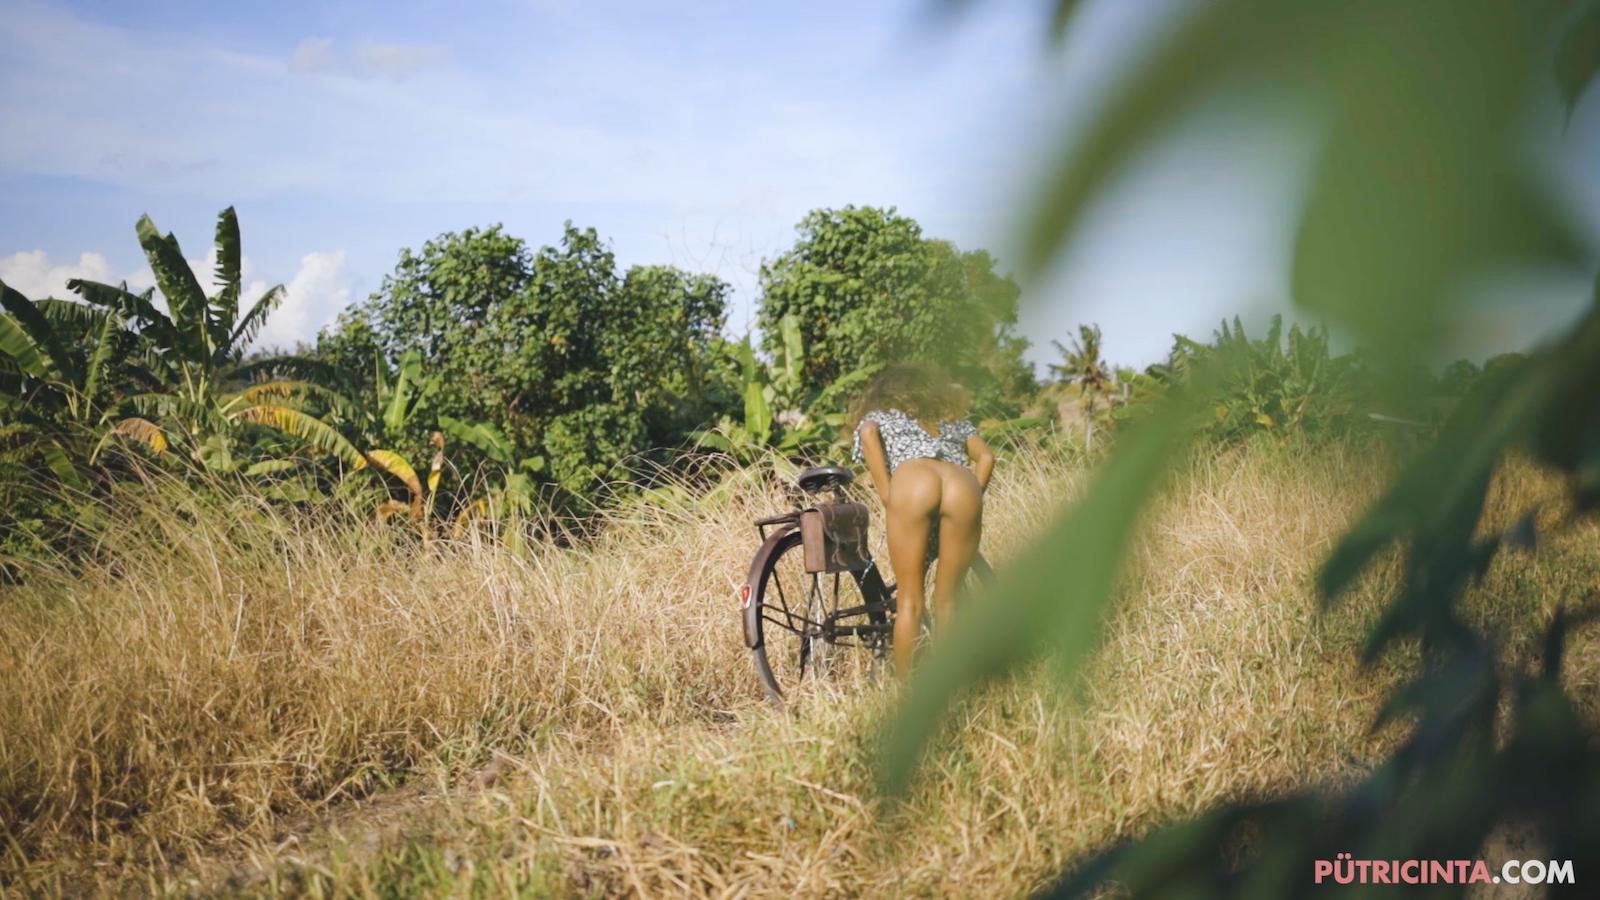 024-cyclingcommando-Putri-Cinta-Mainvid-stills-15.jpg